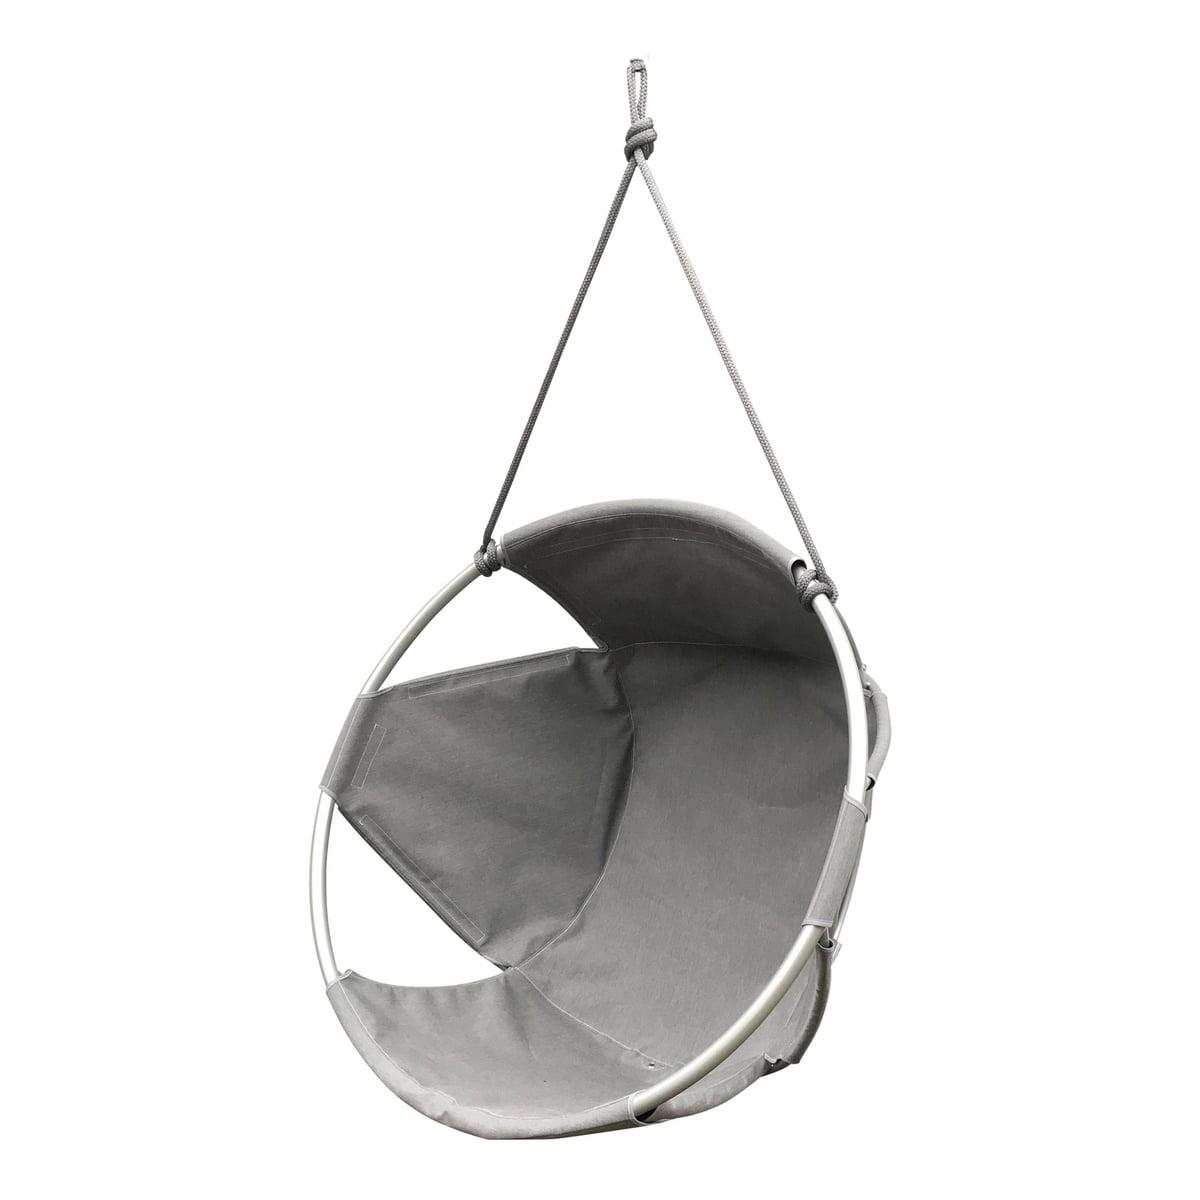 hanging cocoon chair chiavari chairs birmingham al outdoor hang by trimm copenhagen